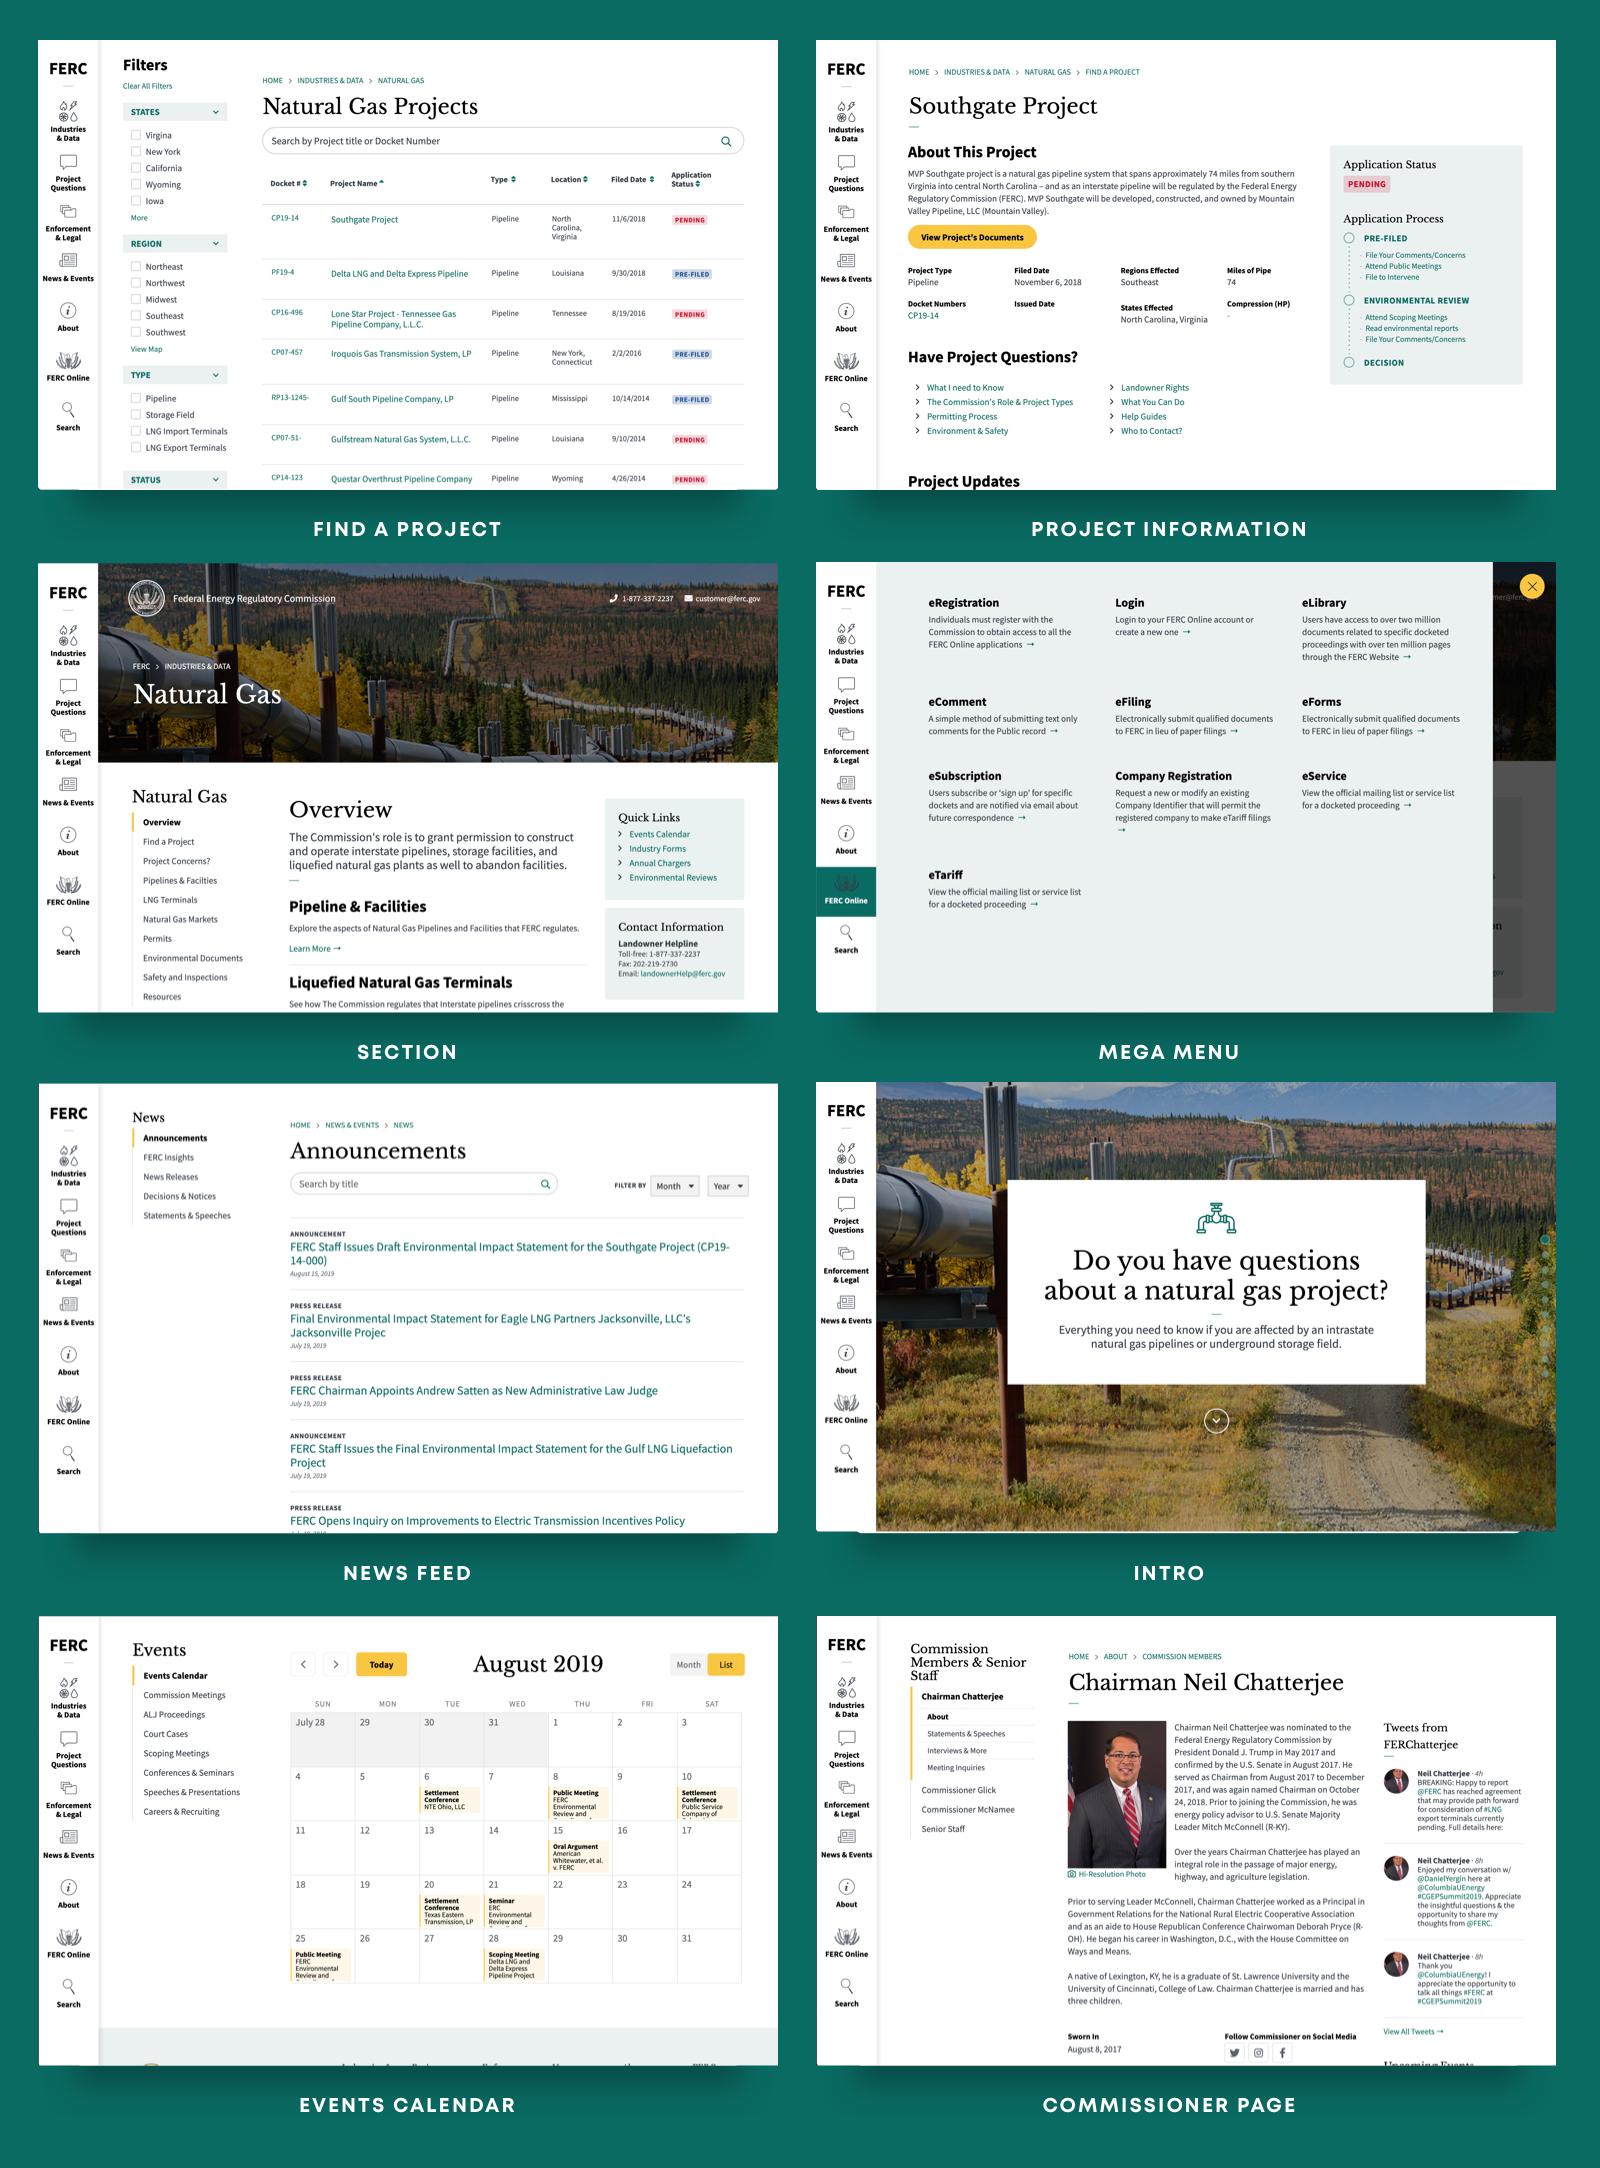 Screenshots of FERC redesign